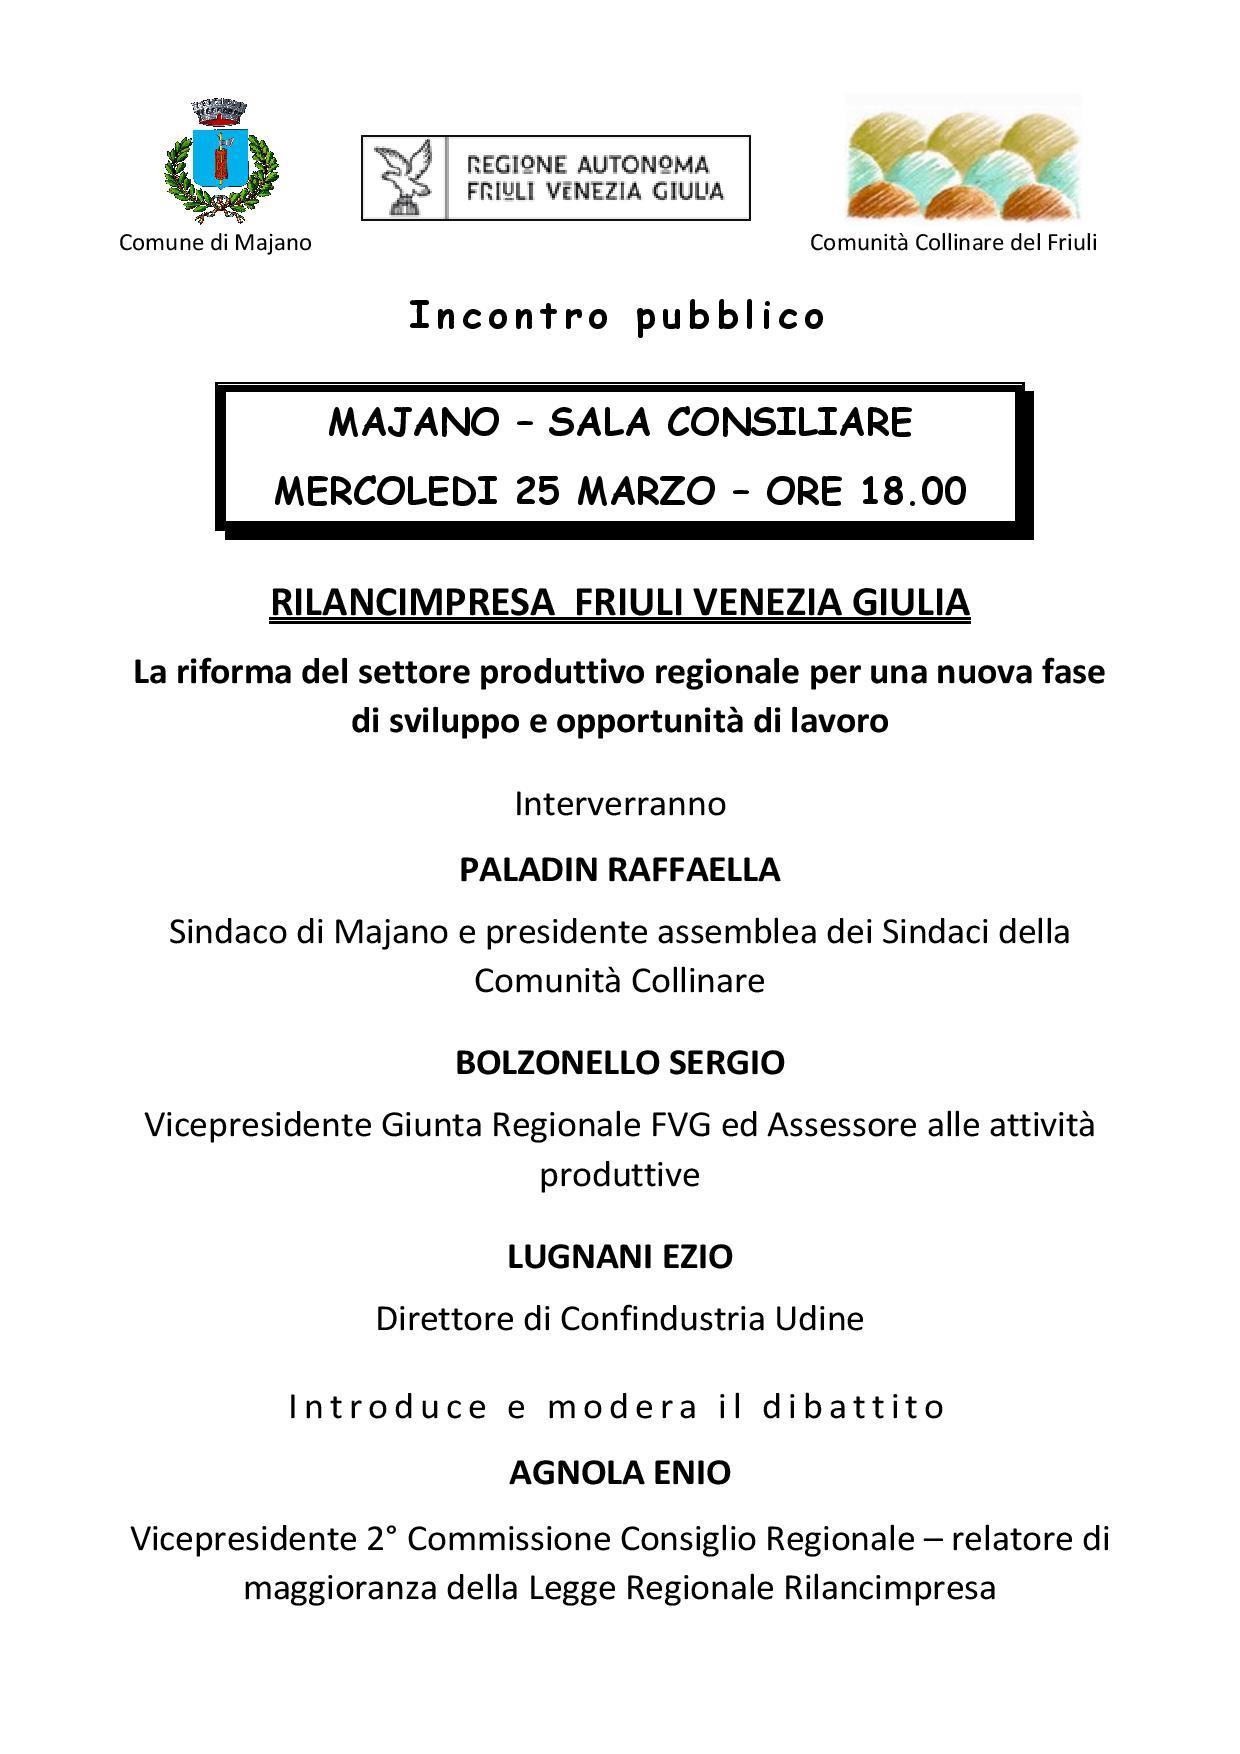 INCONTRO PUBBLICO CON IL VICEPRESIDENTE REGIONALE SERGIO BOLZONELLO